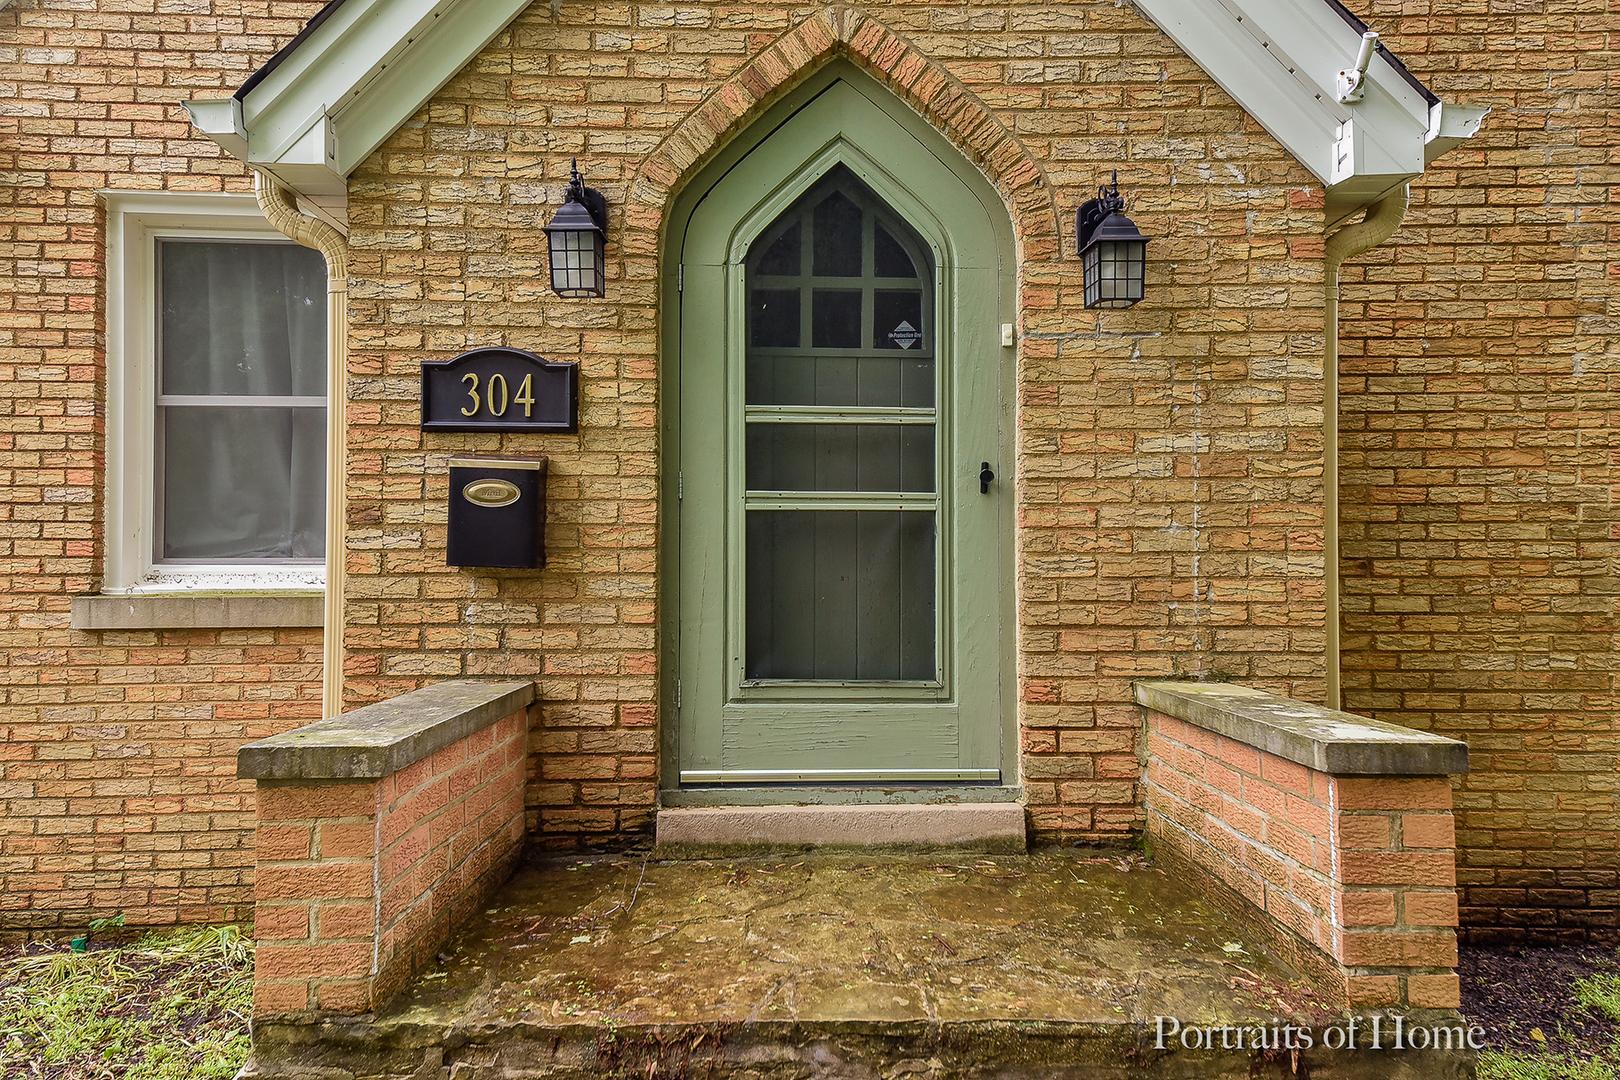 304 Ingleside, AURORA, Illinois, 60506